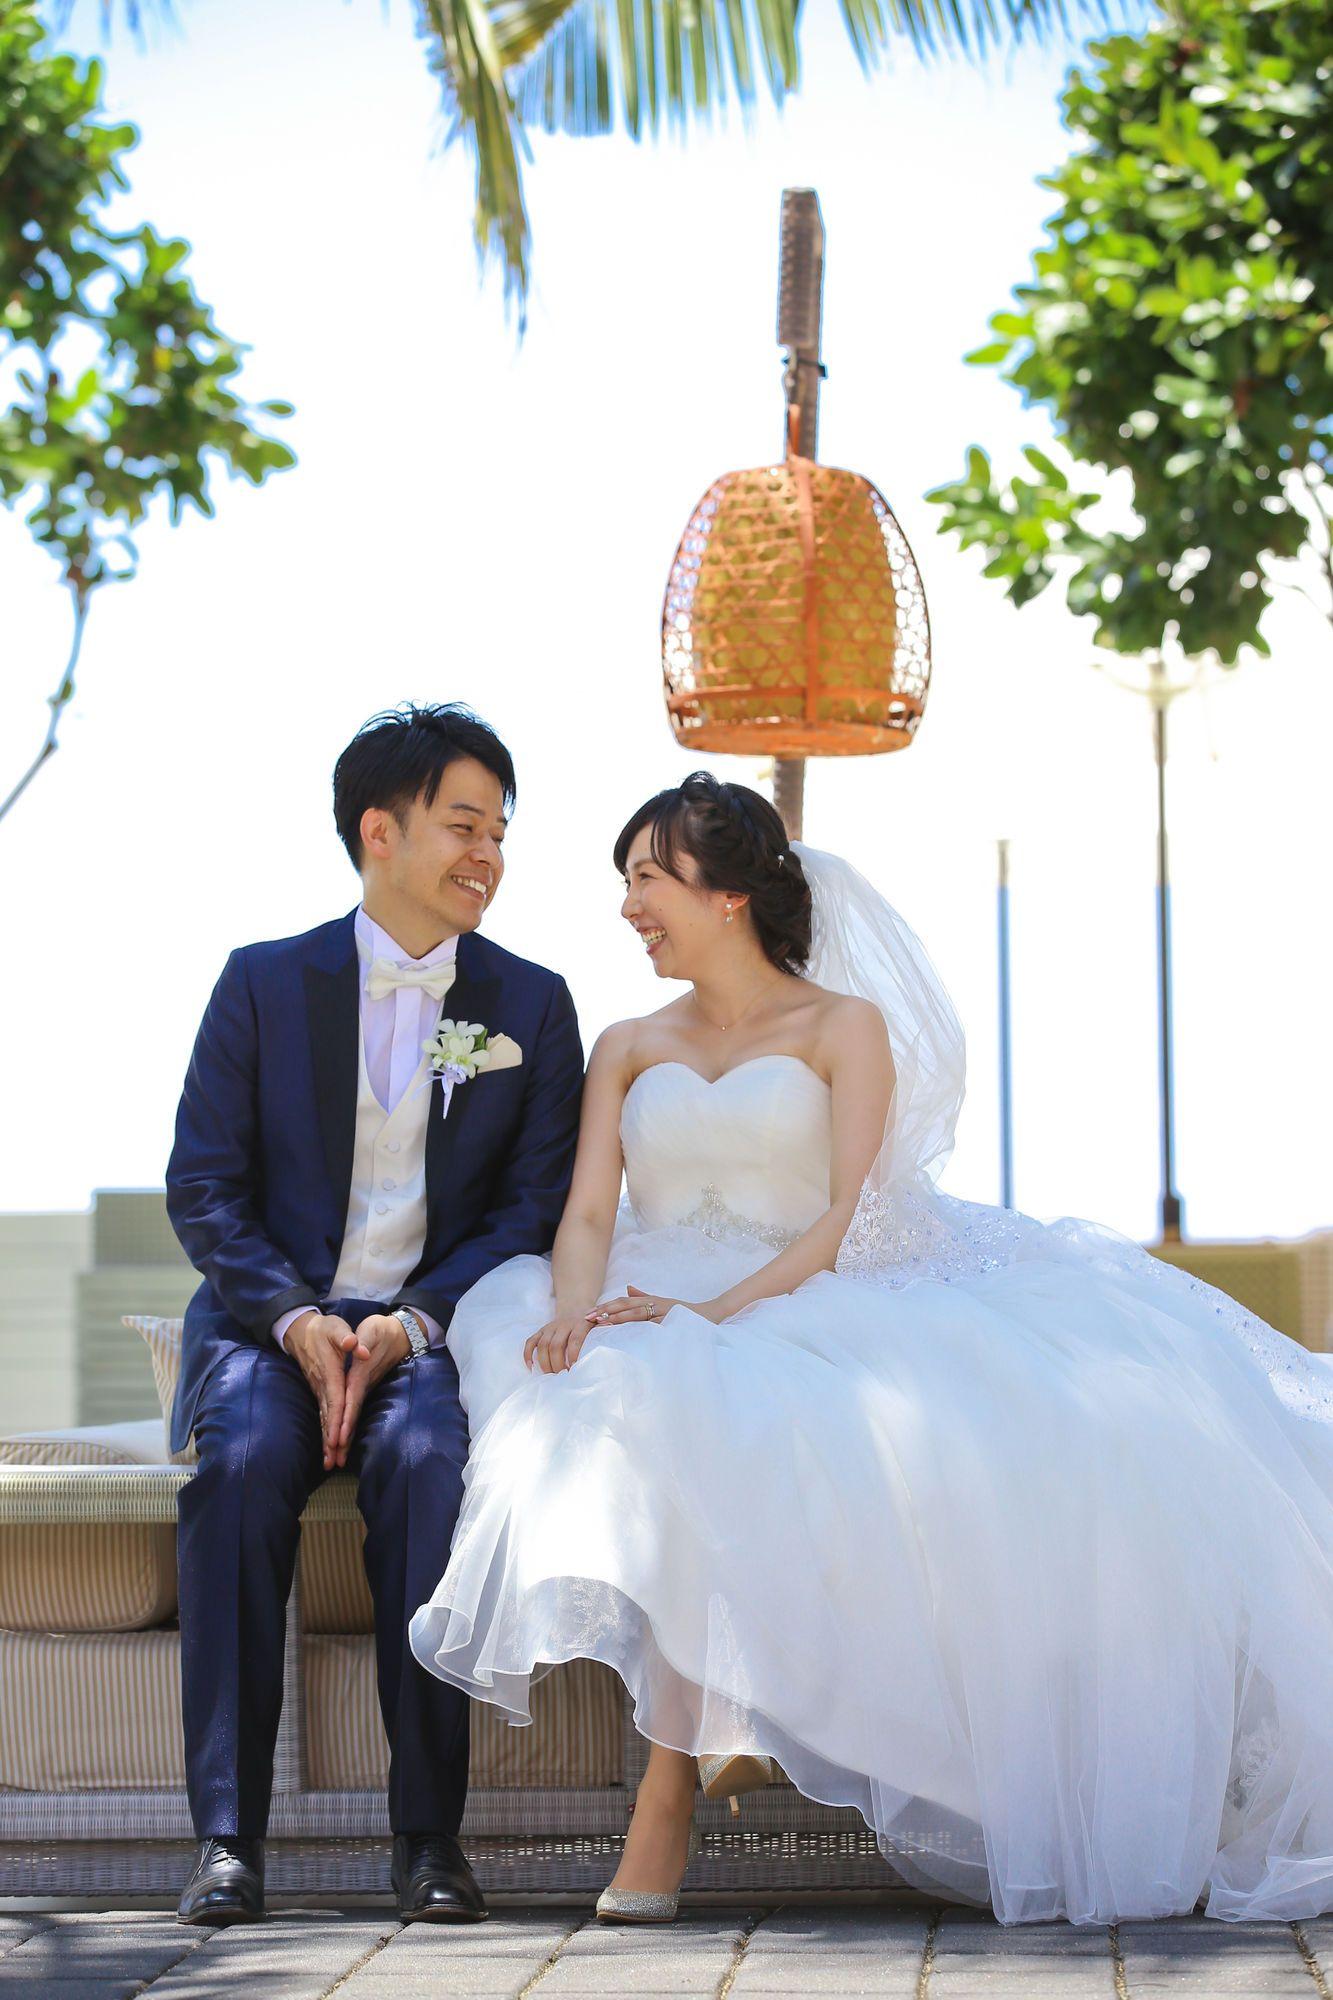 バリ島で二人だけの結婚式 Hiro樣 Cocomelodyマガジン フラワーガールドレス ウェディングドレス 女の子のドレス